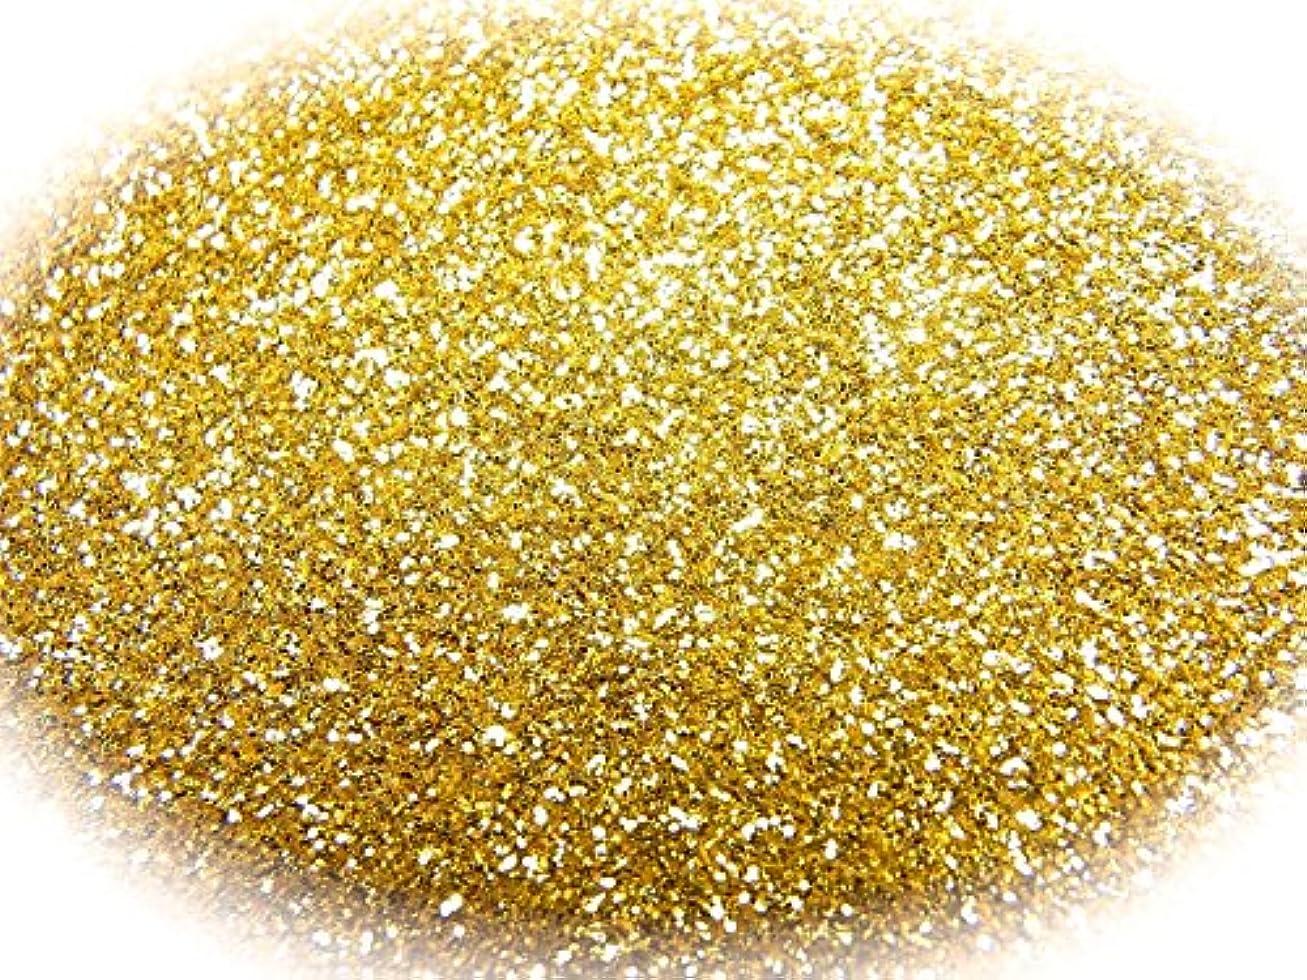 ネブ主婦曇ったグリッターラメパウダー 選べる12色 0.5g 瓶入り (ゴールド)